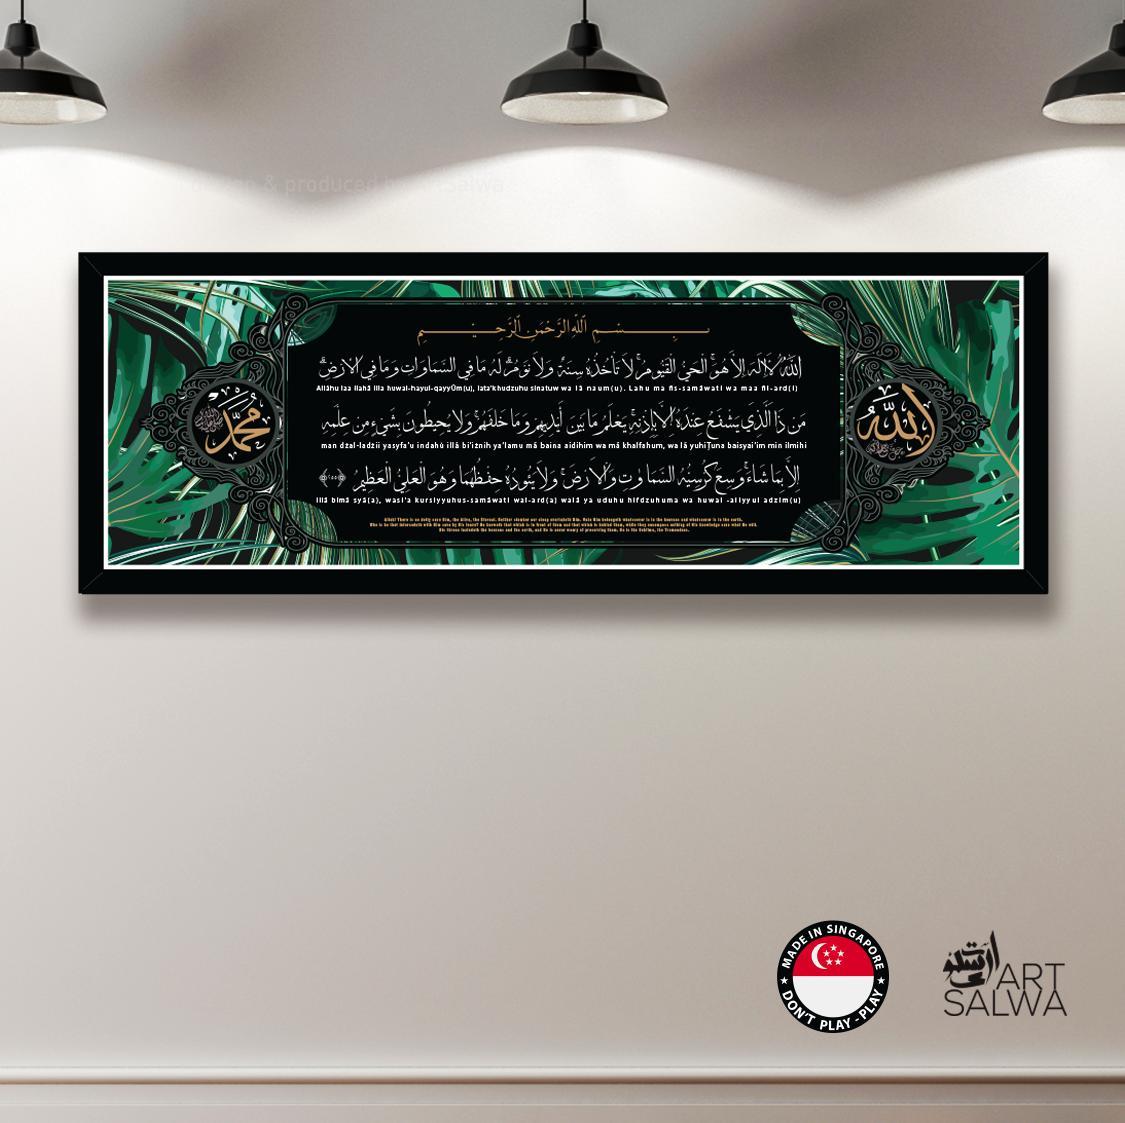 Islamic Ayat Al Kursi Iqra AlKursi Frame Islam Ayat Kursi ARTSALWA